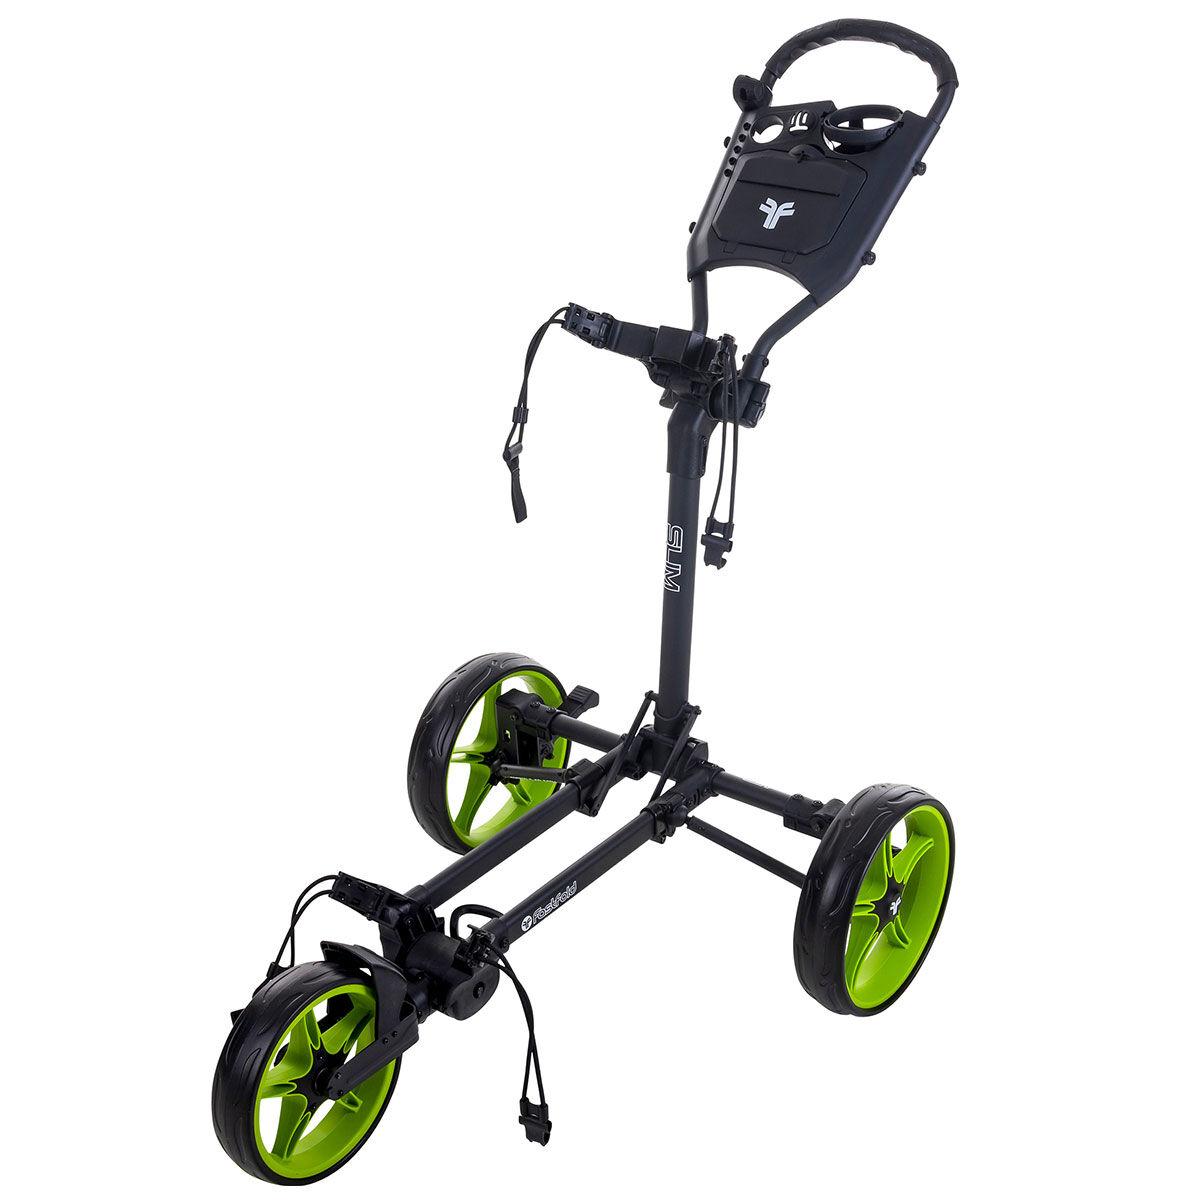 Fast Fold Slim 3-Wheel Push Golf Trolley, Charcoal/green | American Golf